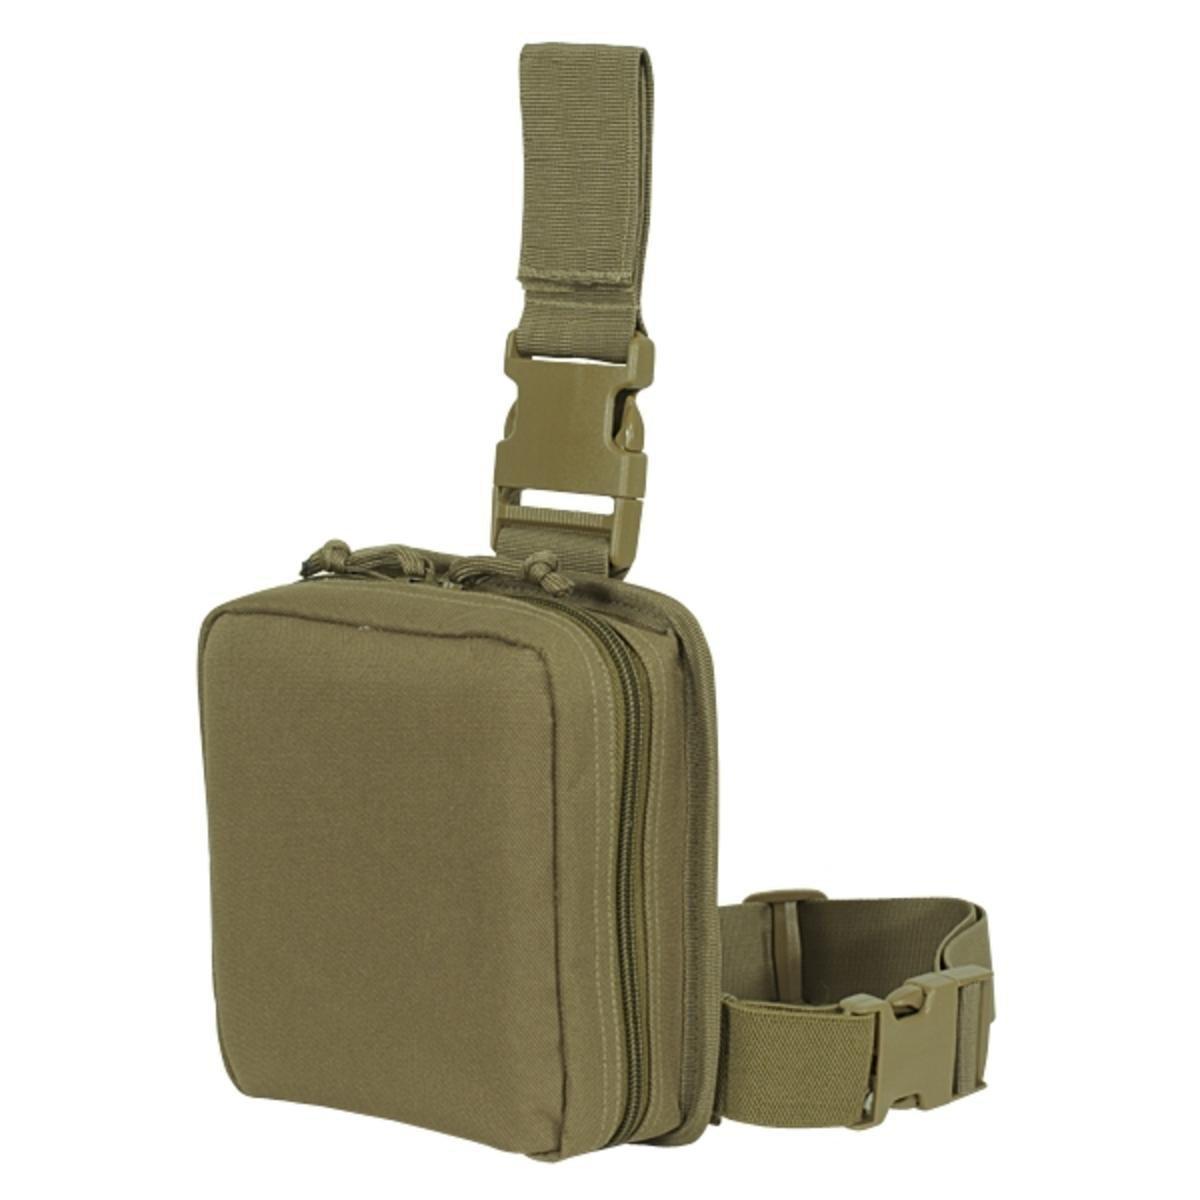 车载便携医疗包战术腿包战术医疗收纳包防水急救包医疗工具包OEM